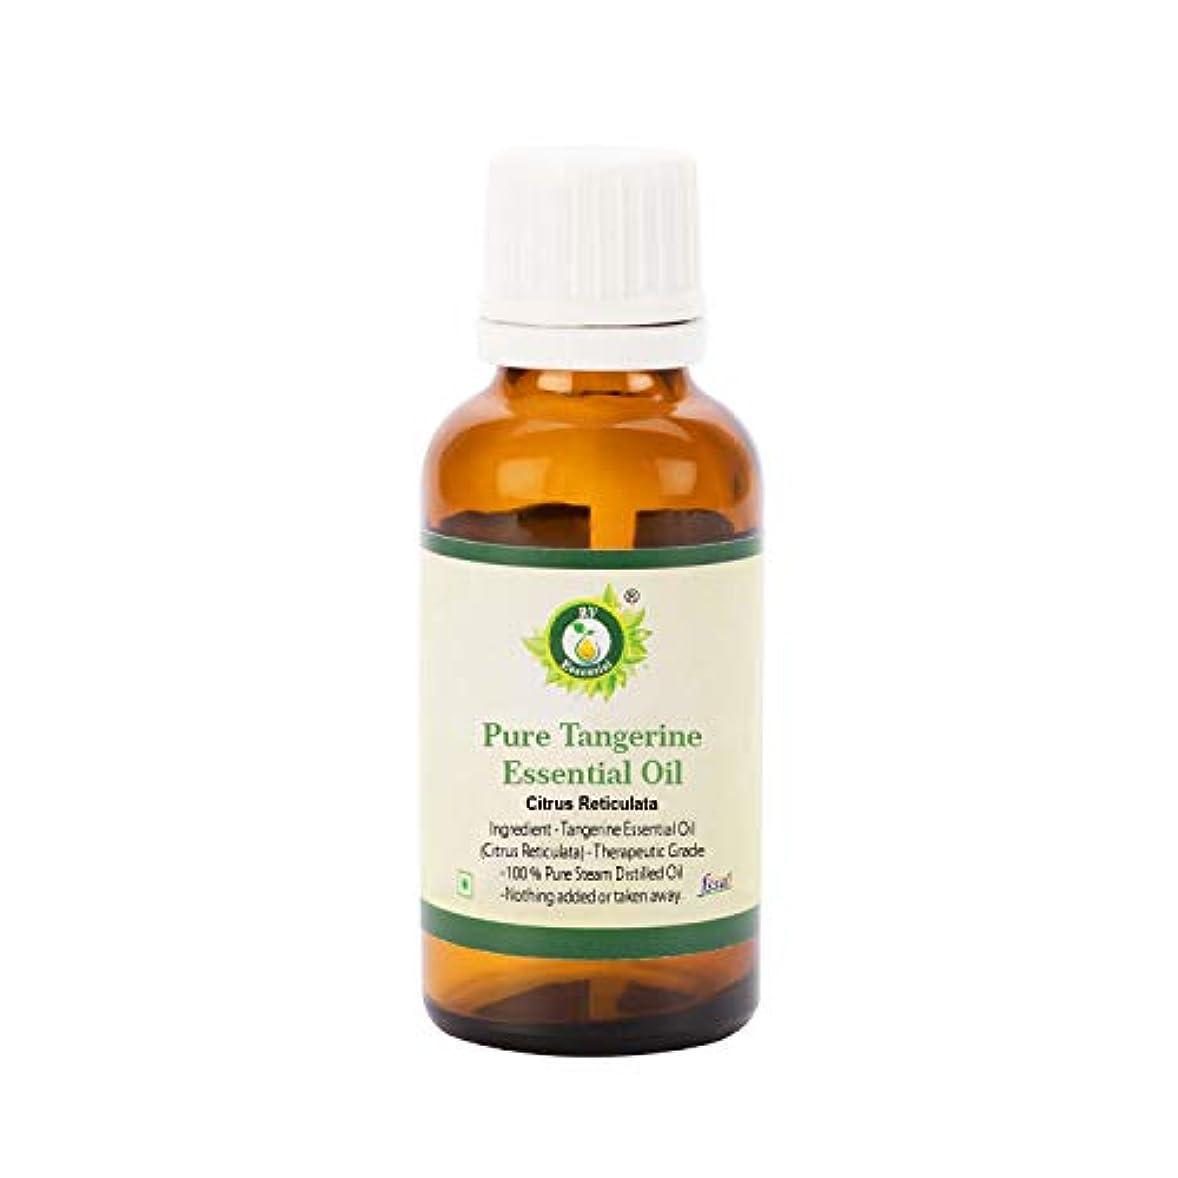 ブレス前置詞残忍なR V Essential ピュアタンジェリンエッセンシャルオイル50ml (1.69oz)- Citrus Reticulata (100%純粋&天然スチームDistilled) Pure Tangerine Essential...